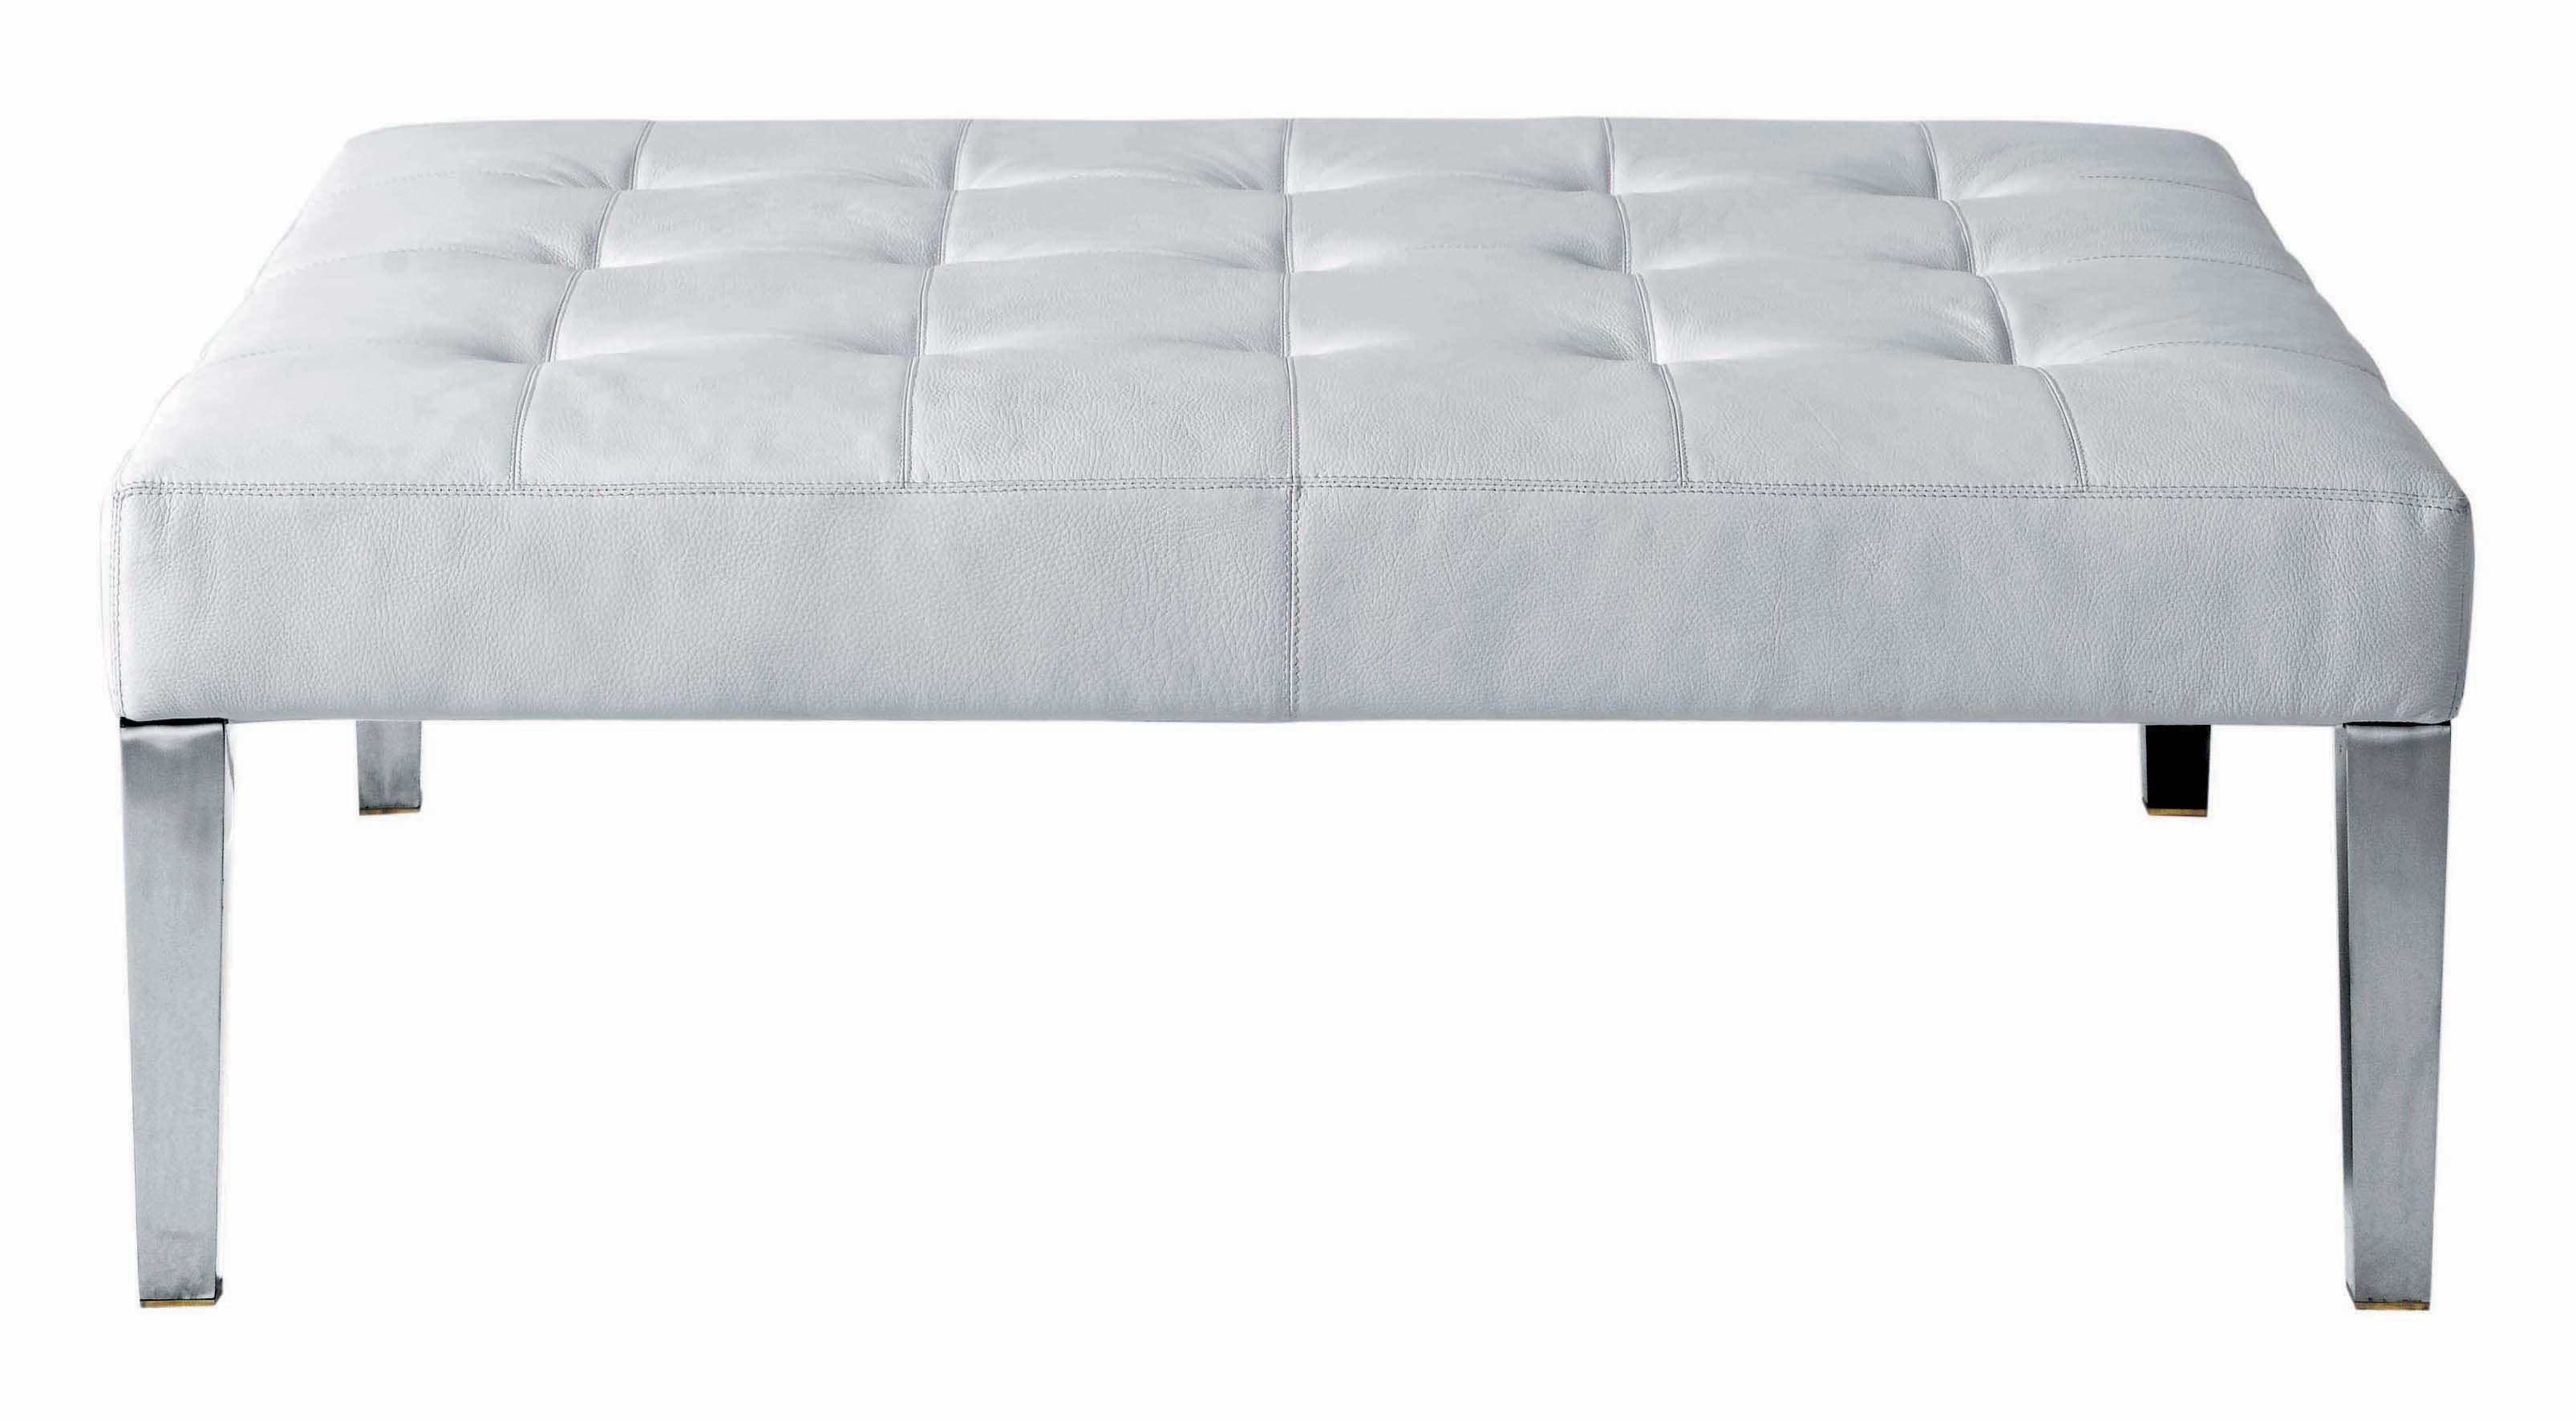 Möbel - Sitzkissen - Monseigneur Sitzkissen - Driade - weißes Leder - Leder, verchromter Stahl